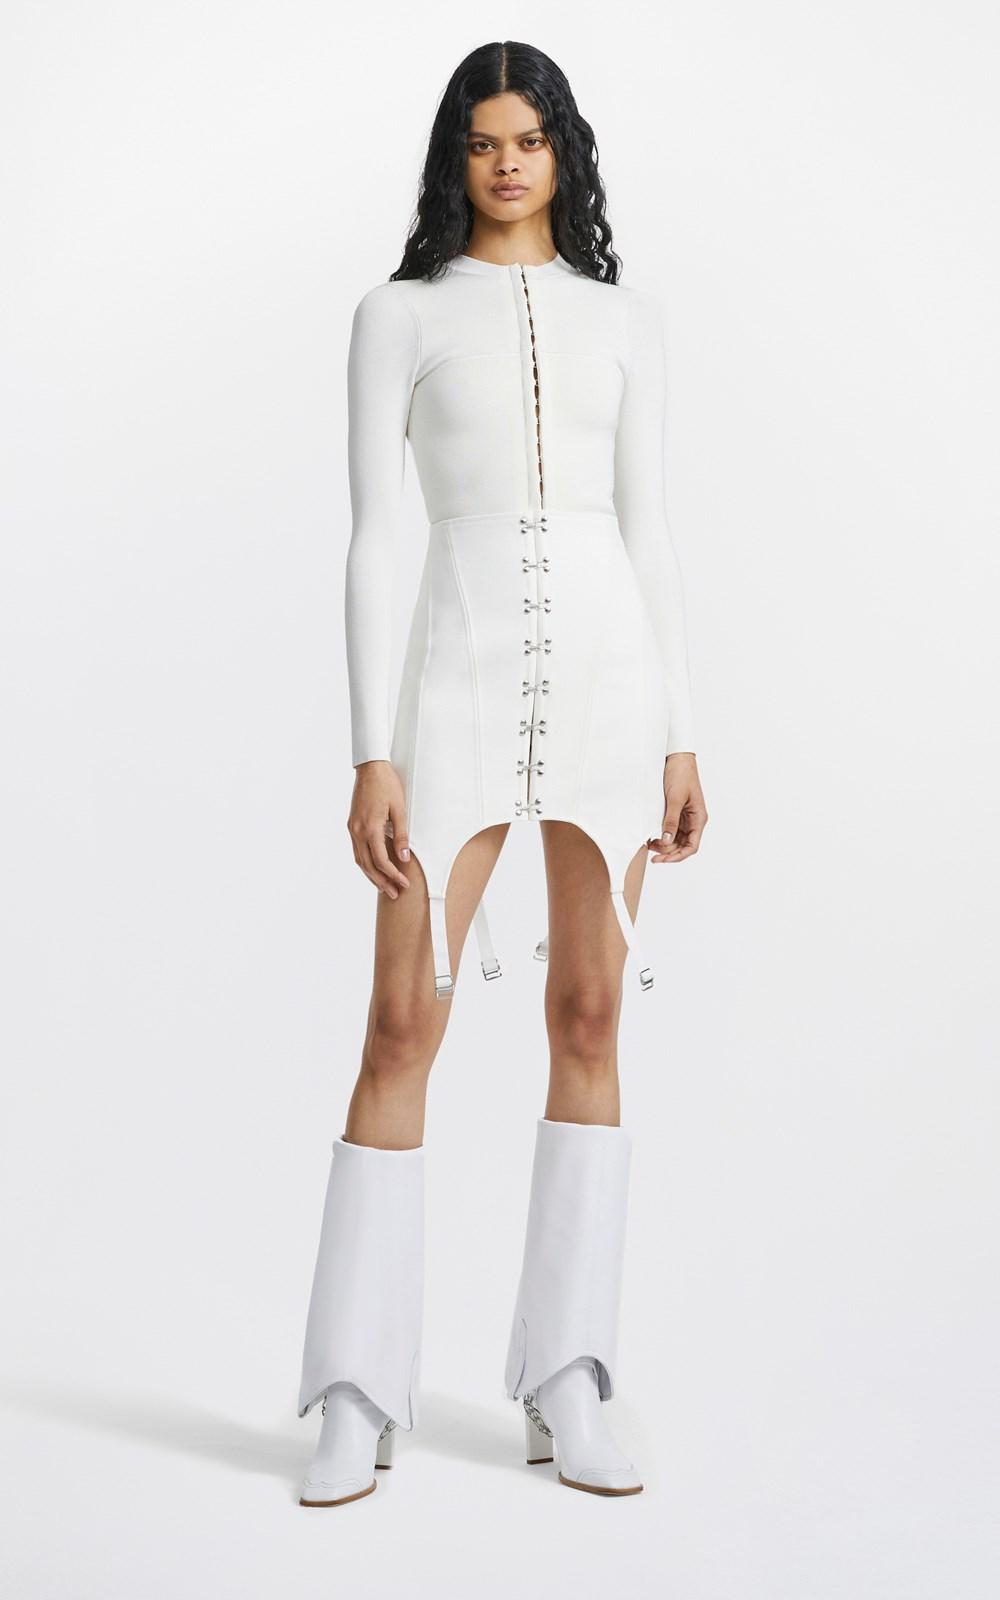 Skirts | CORSET GARTER SKIRT